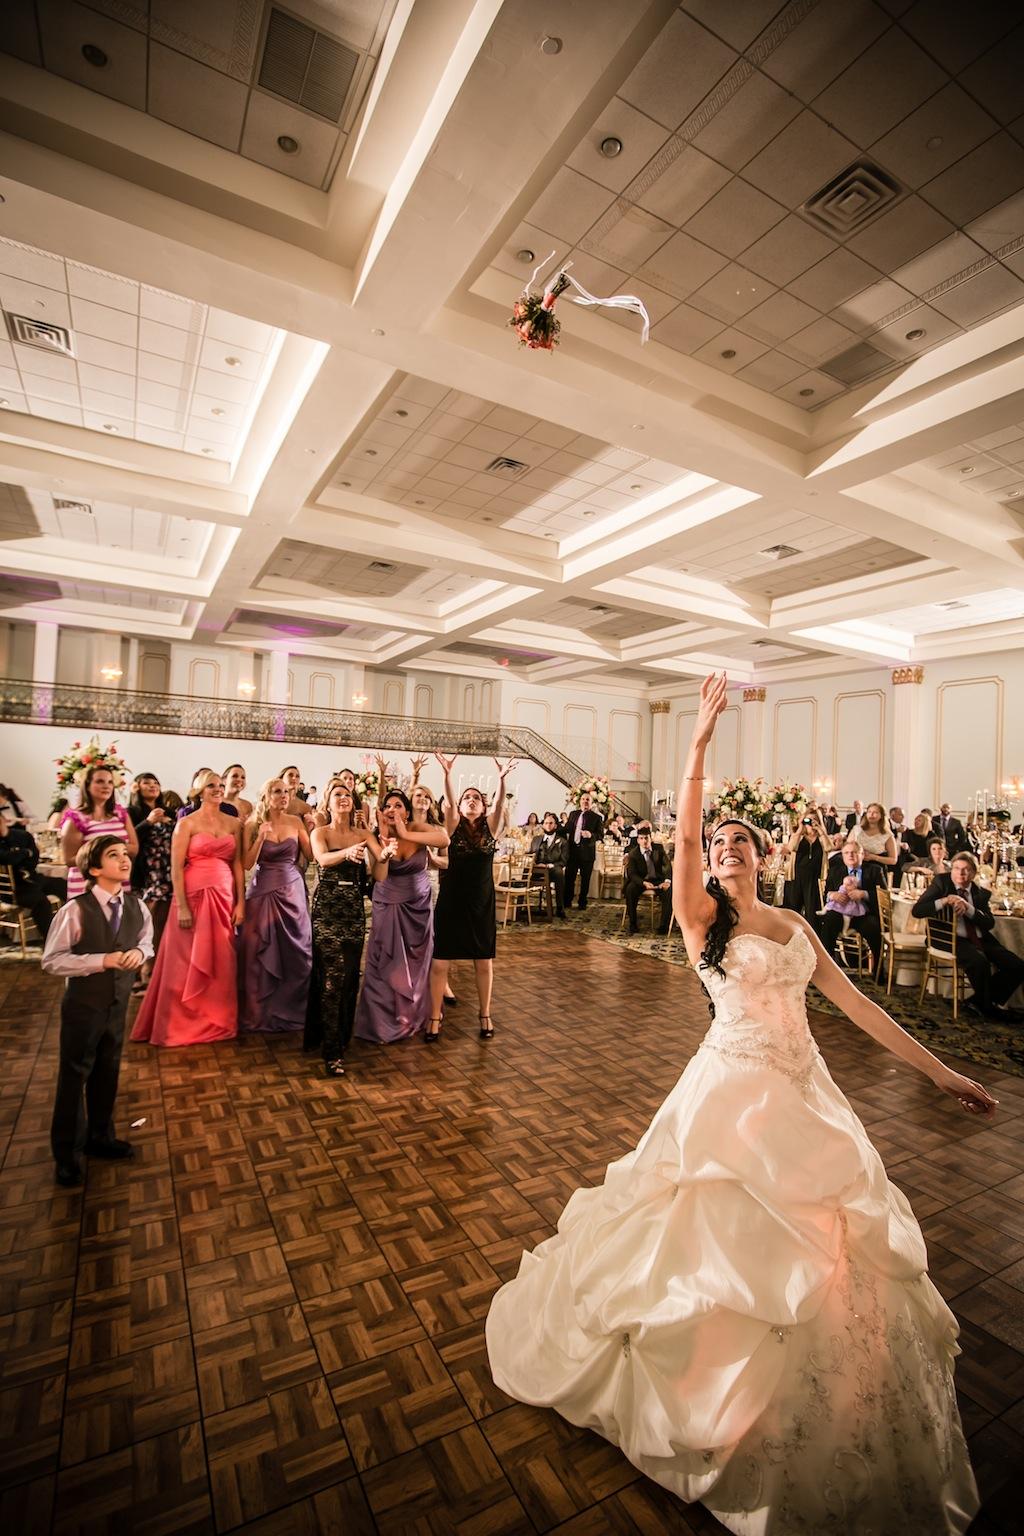 Floridan Palace Wedding, Downtown Tampa - Tampa Wedding Planner Burkle Events & Tampa Wedding Photographer Gary Kaplan Photography (33)